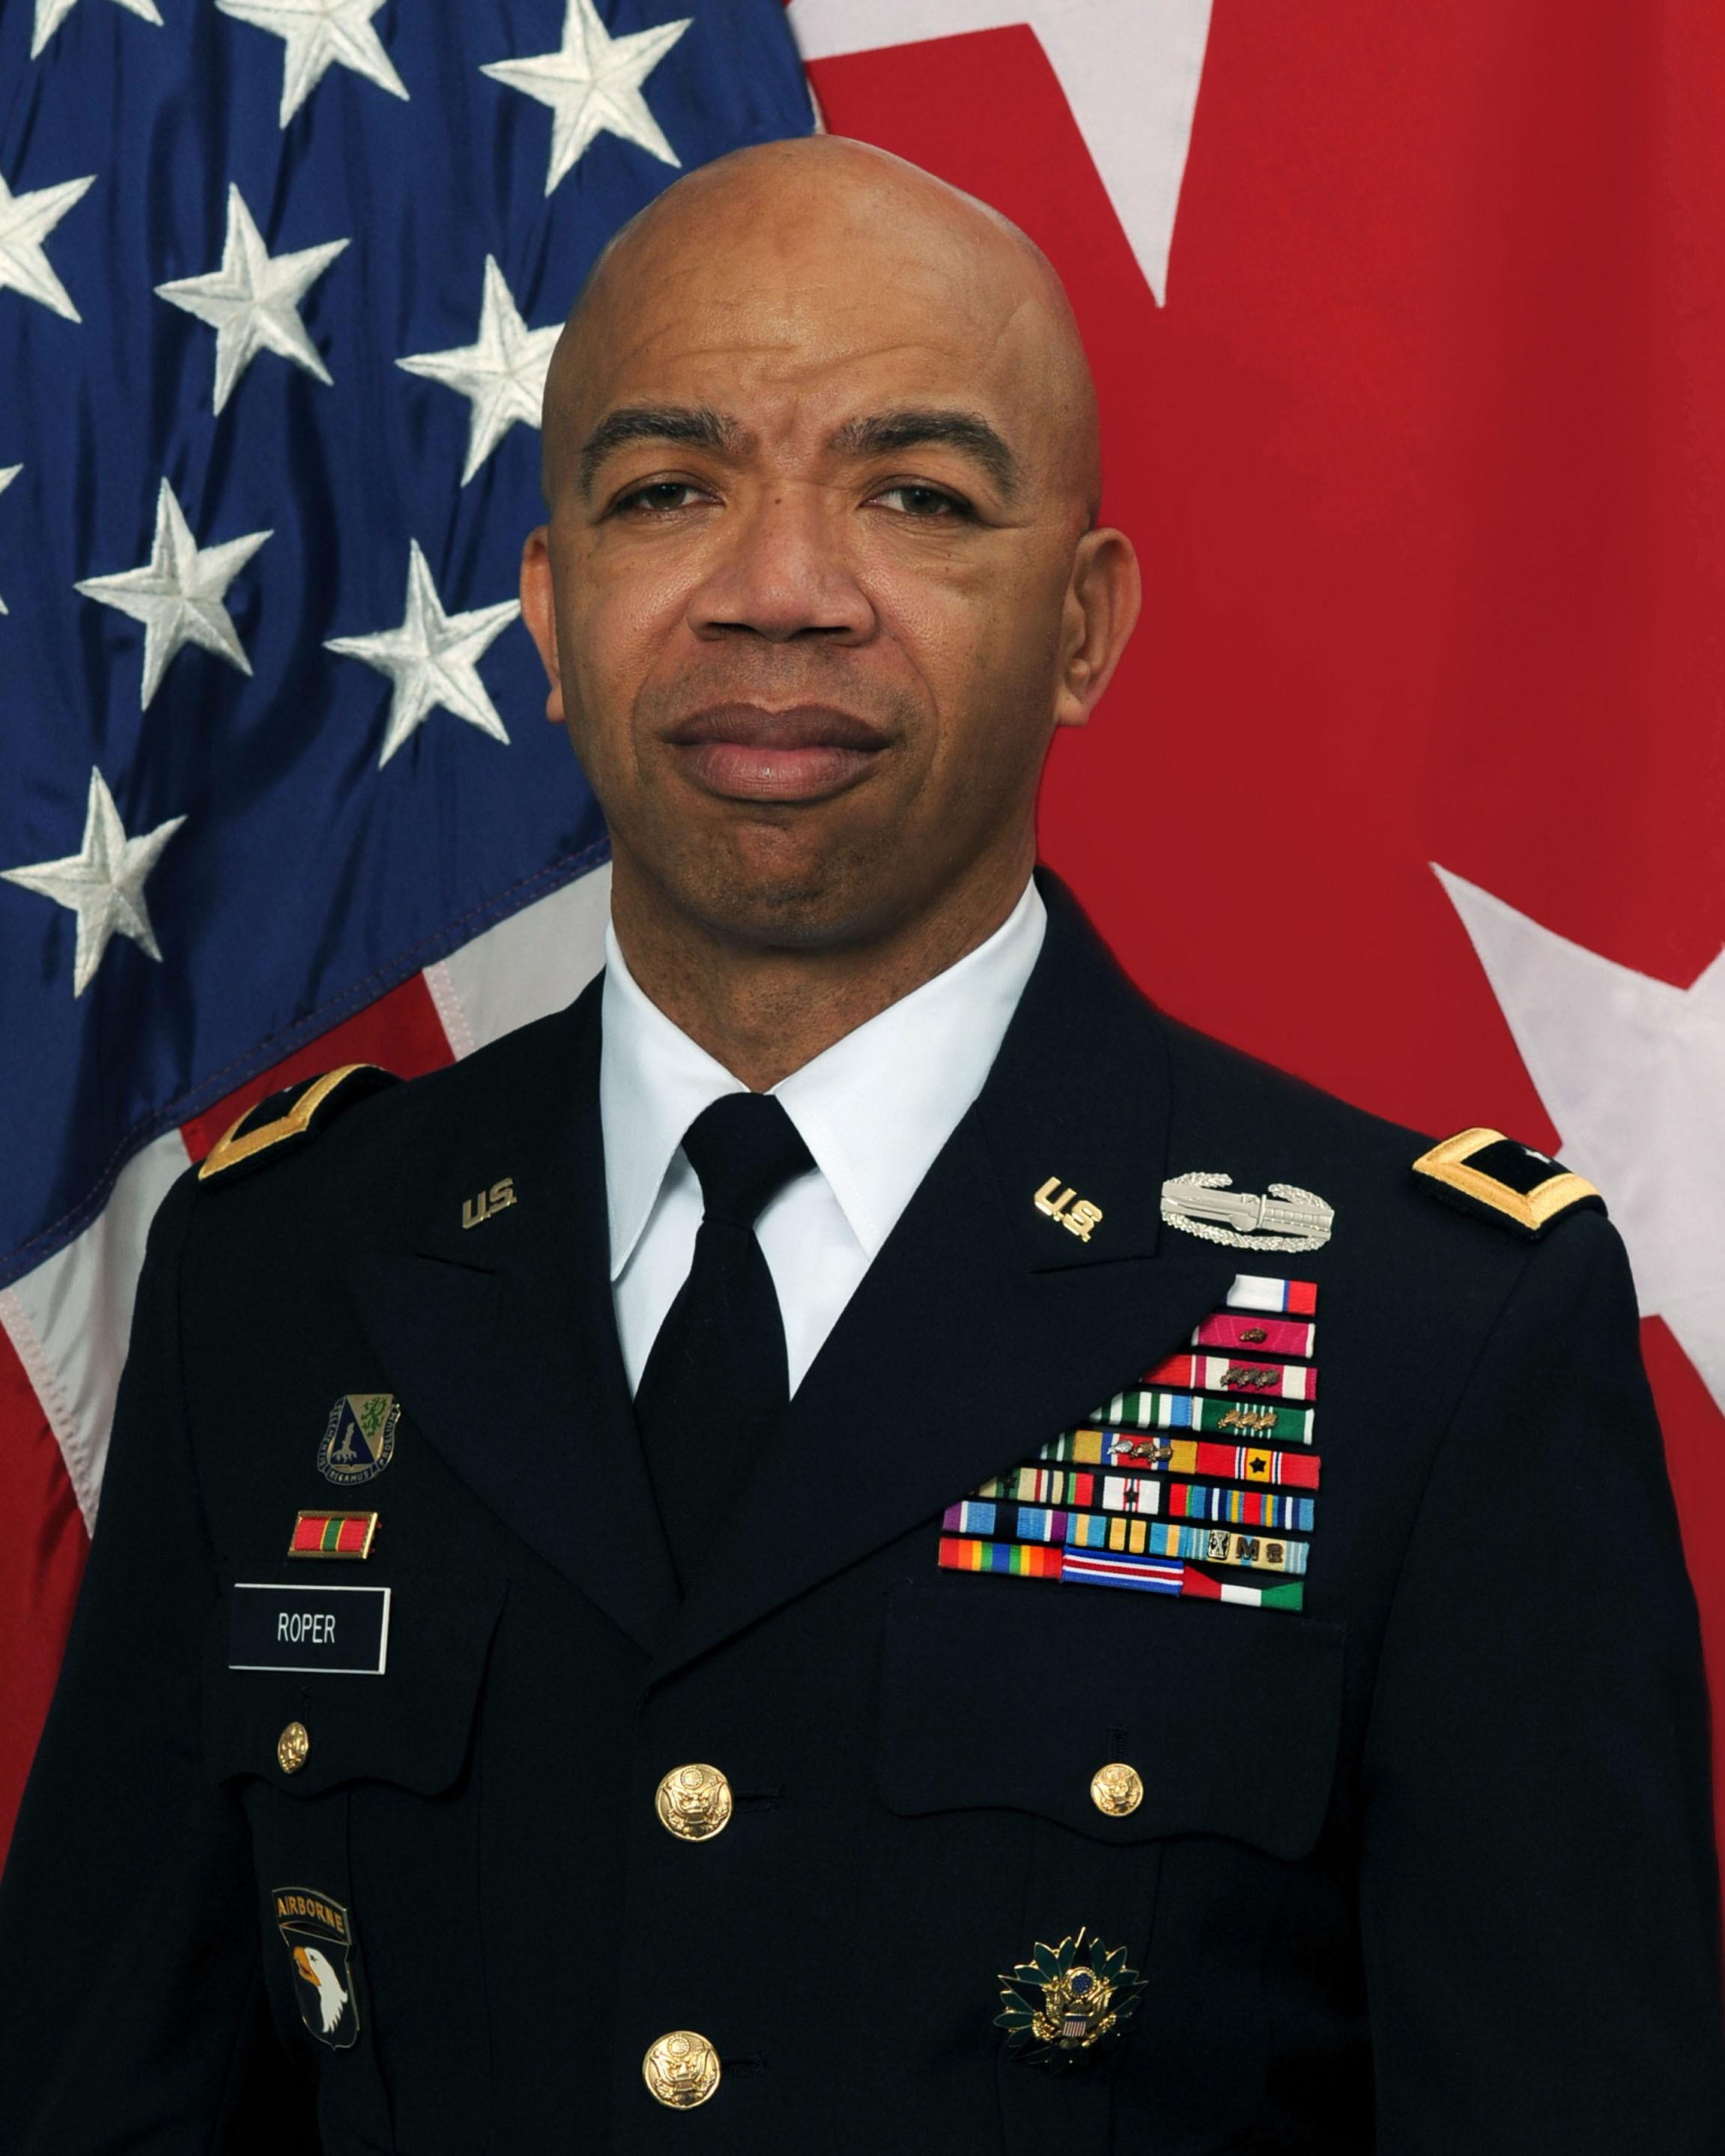 Maj. Gen. A.C. Roper